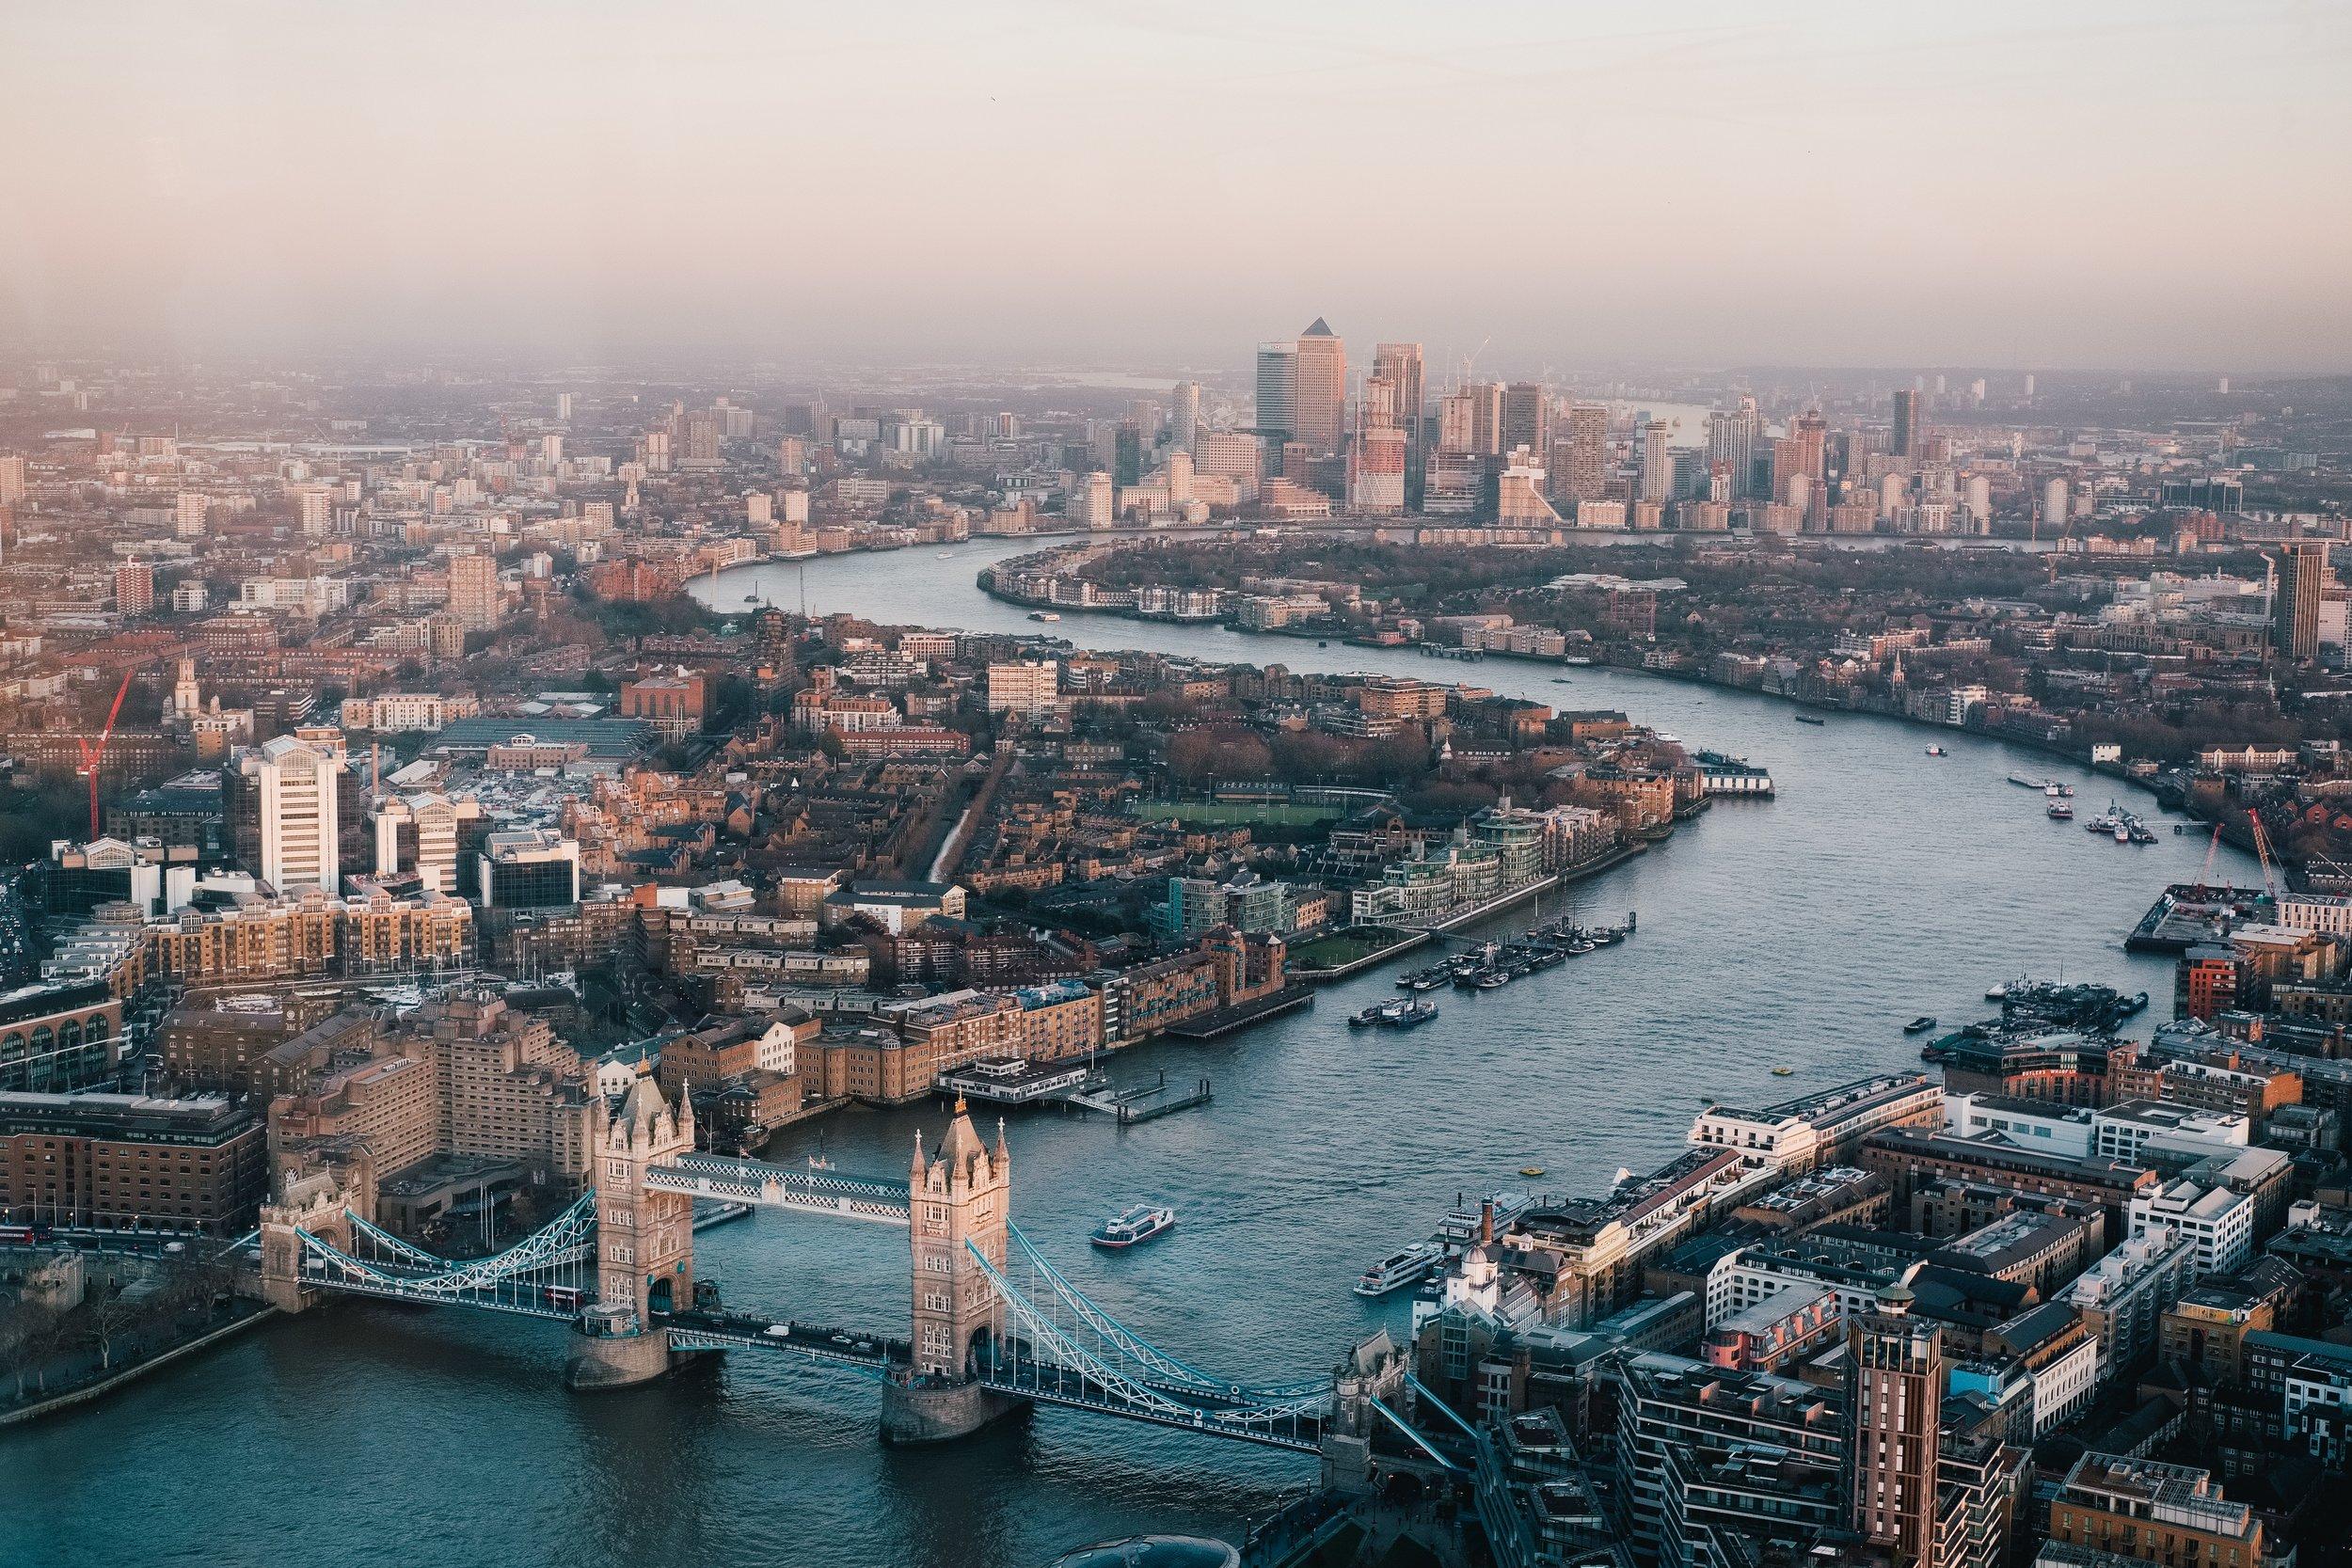 Mye av handlingen foregår i London, så vær så god, her er et bilde av London. Foto av  Benjamin Davies .